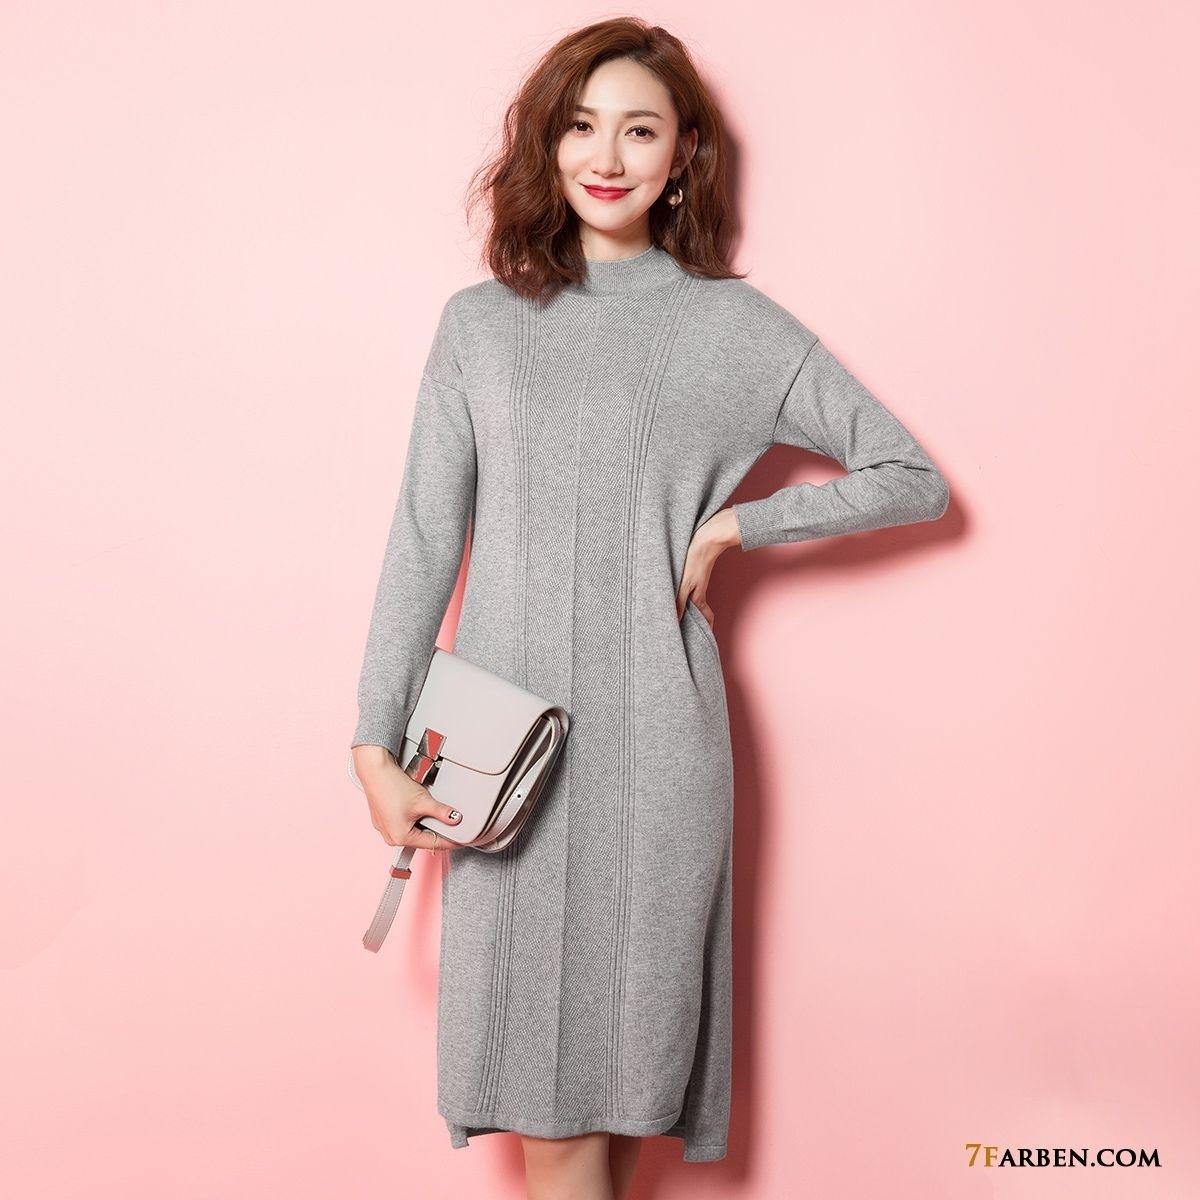 10 Elegant Kleider Neu VertriebAbend Perfekt Kleider Neu Design